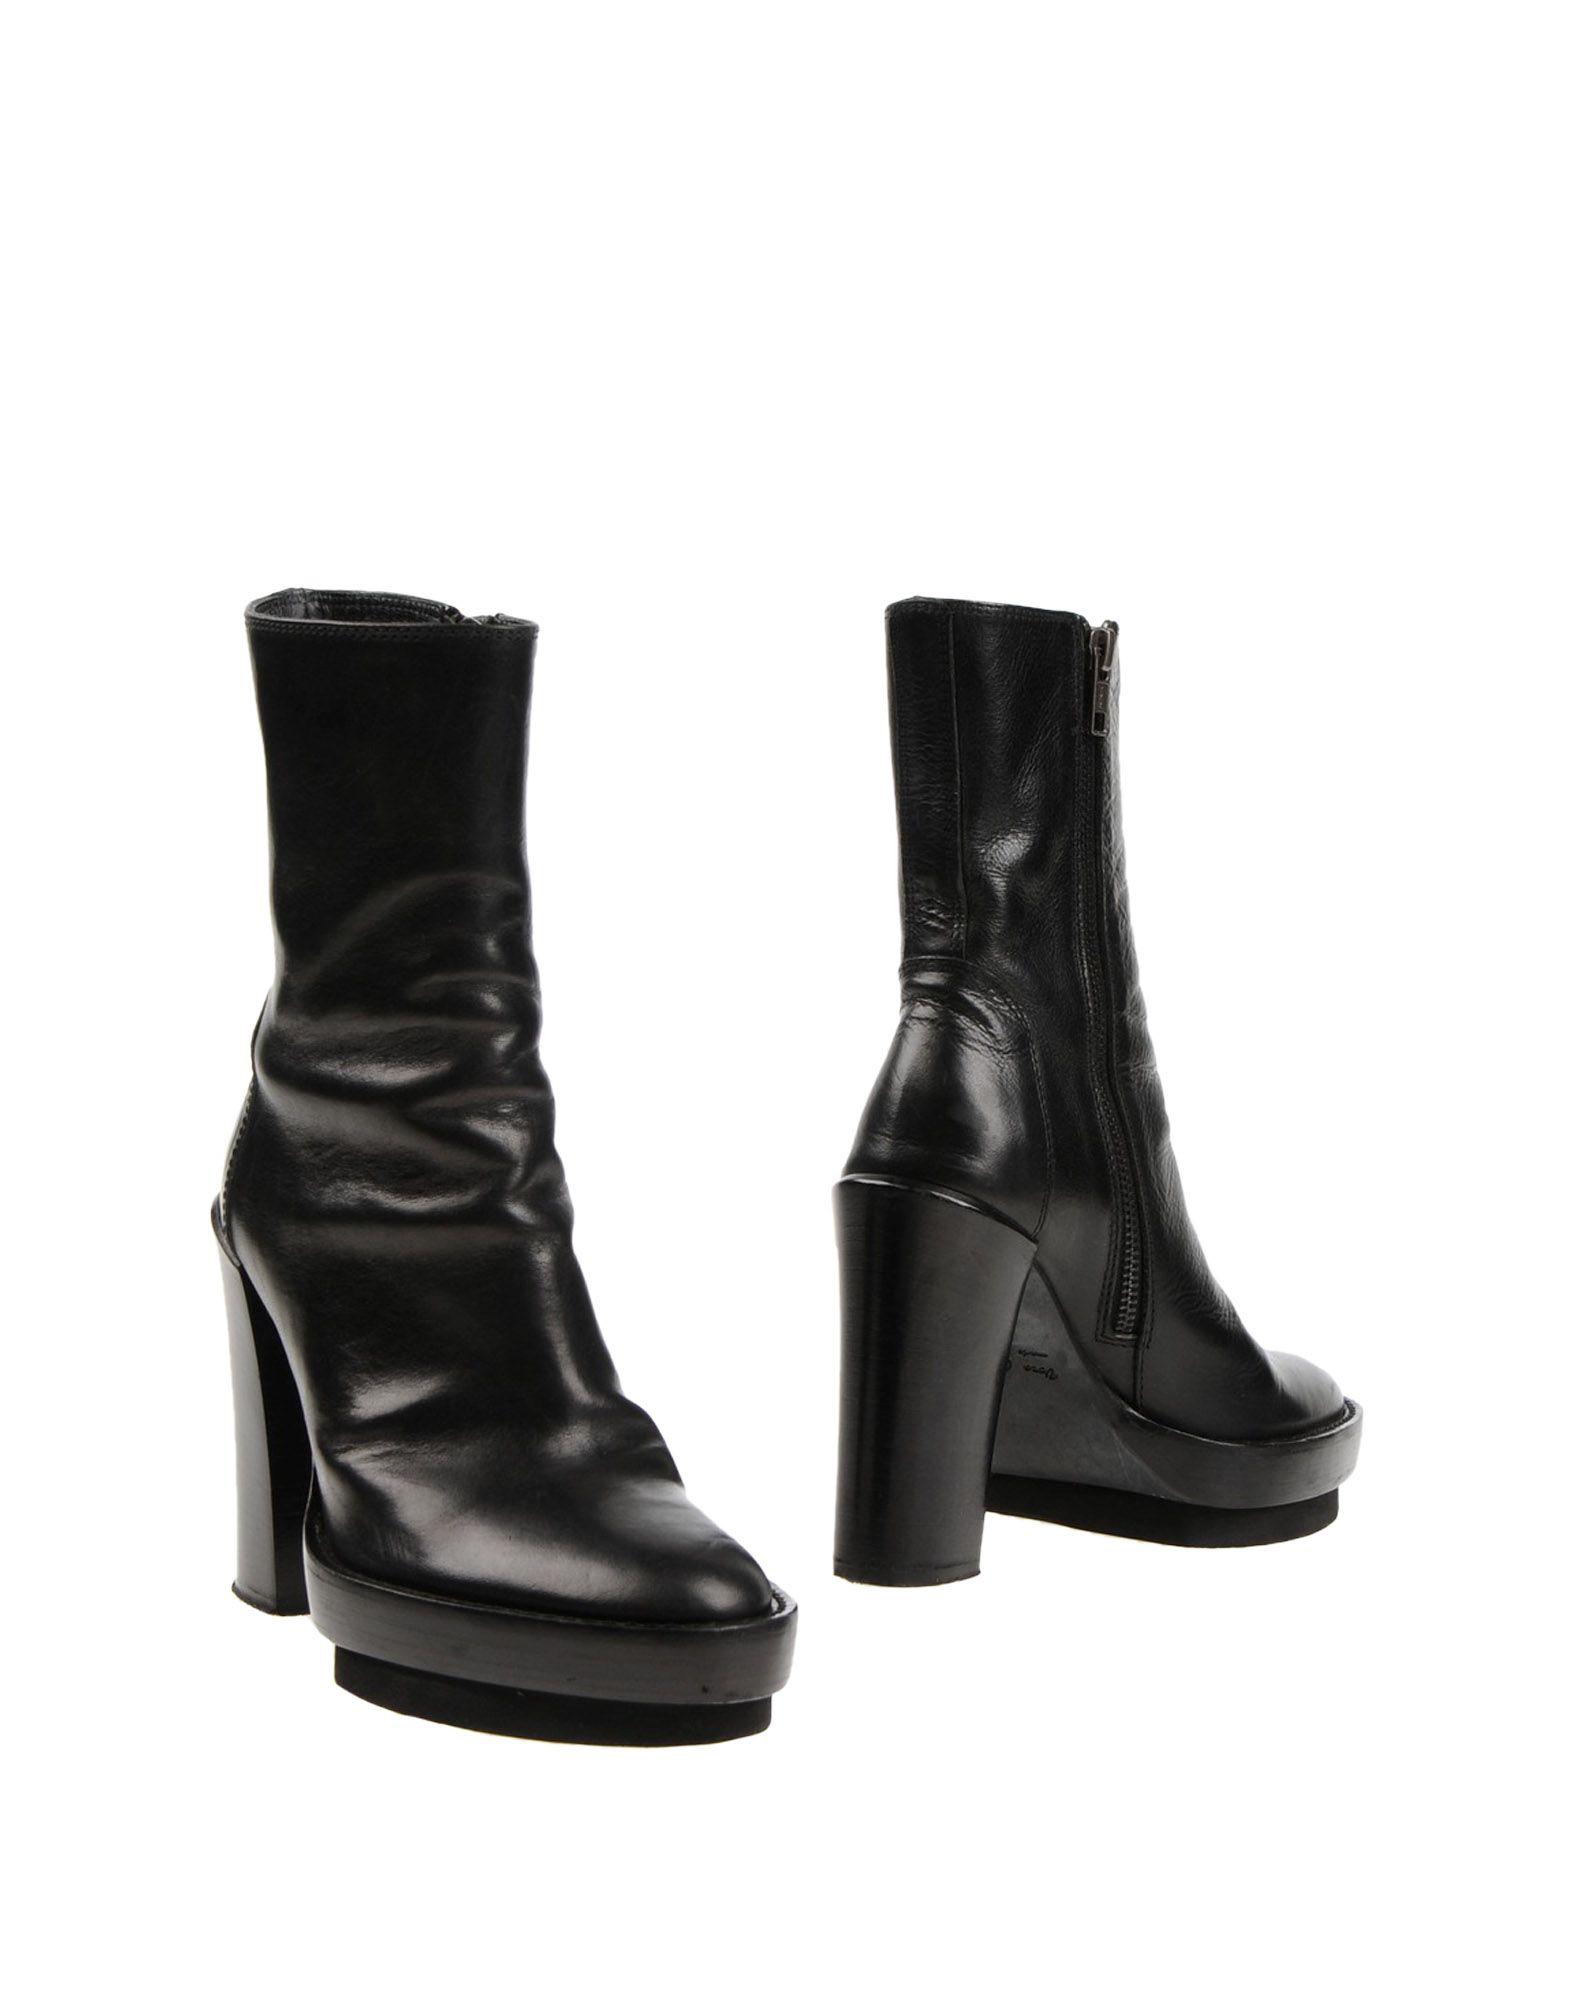 ANN DEMEULEMEESTER Полусапоги и высокие ботинки ann demeulemeester низкие кеды и кроссовки